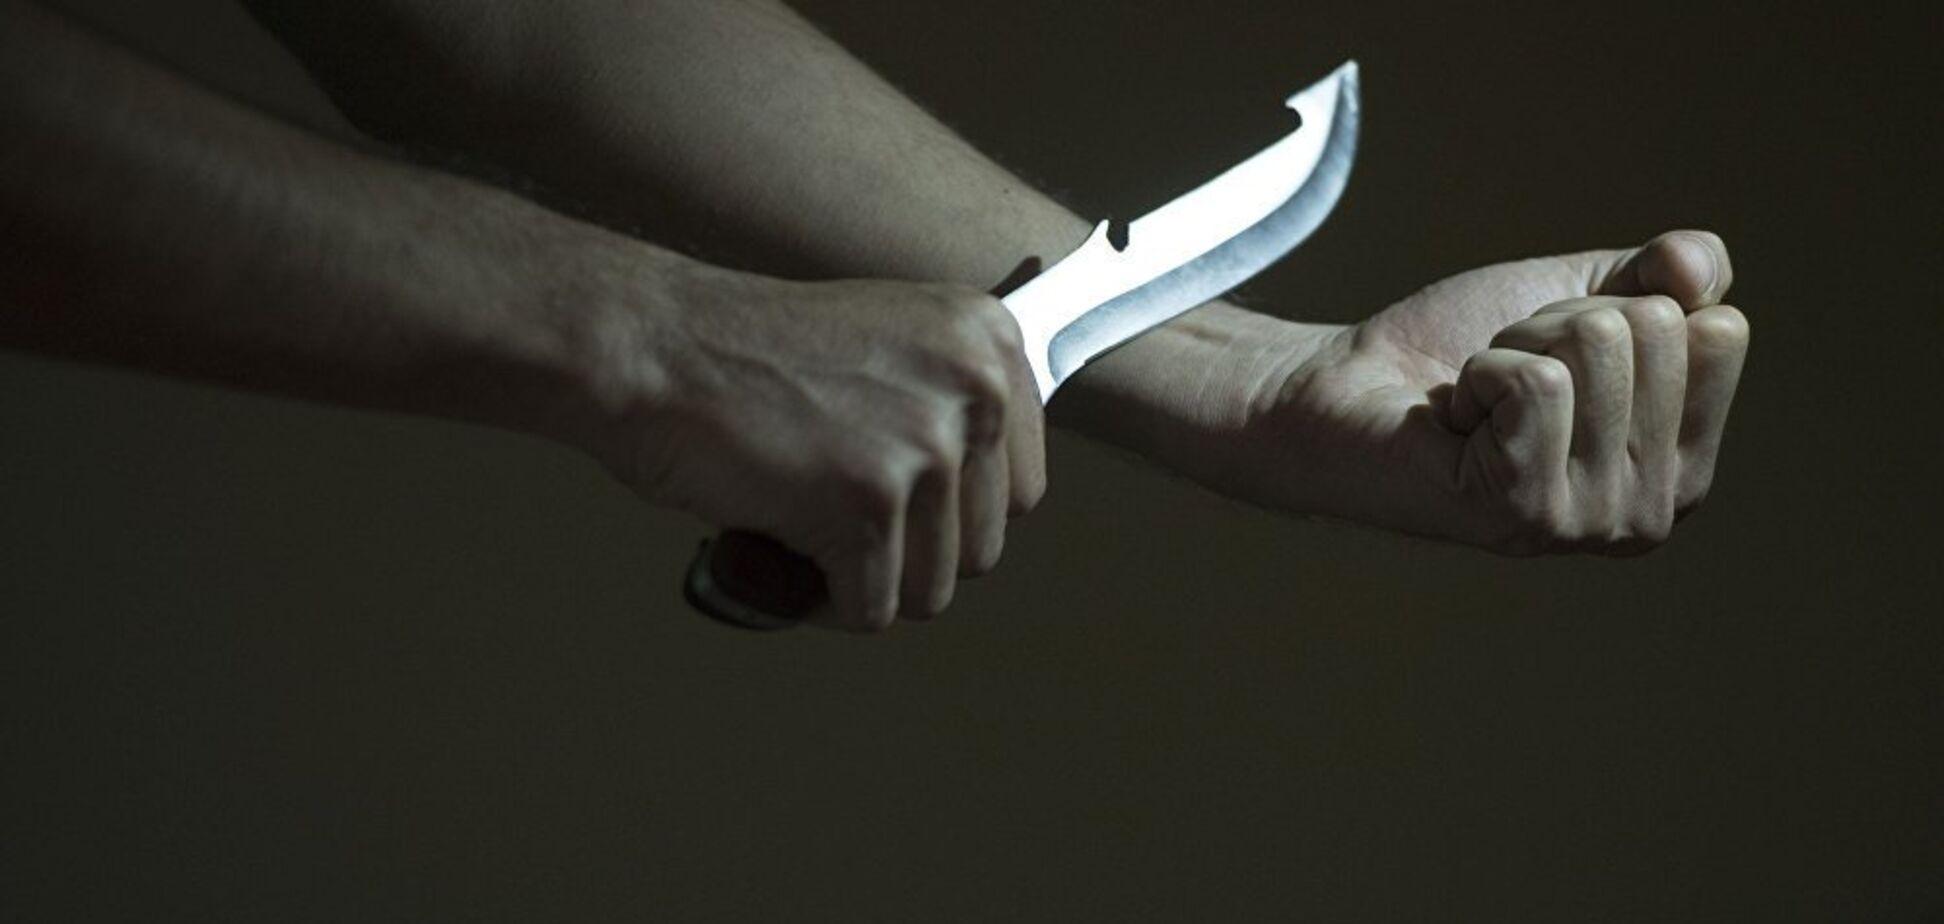 Порізав вени кухонним ножем: під Дніпром чоловік намагався звести рахунки з життям